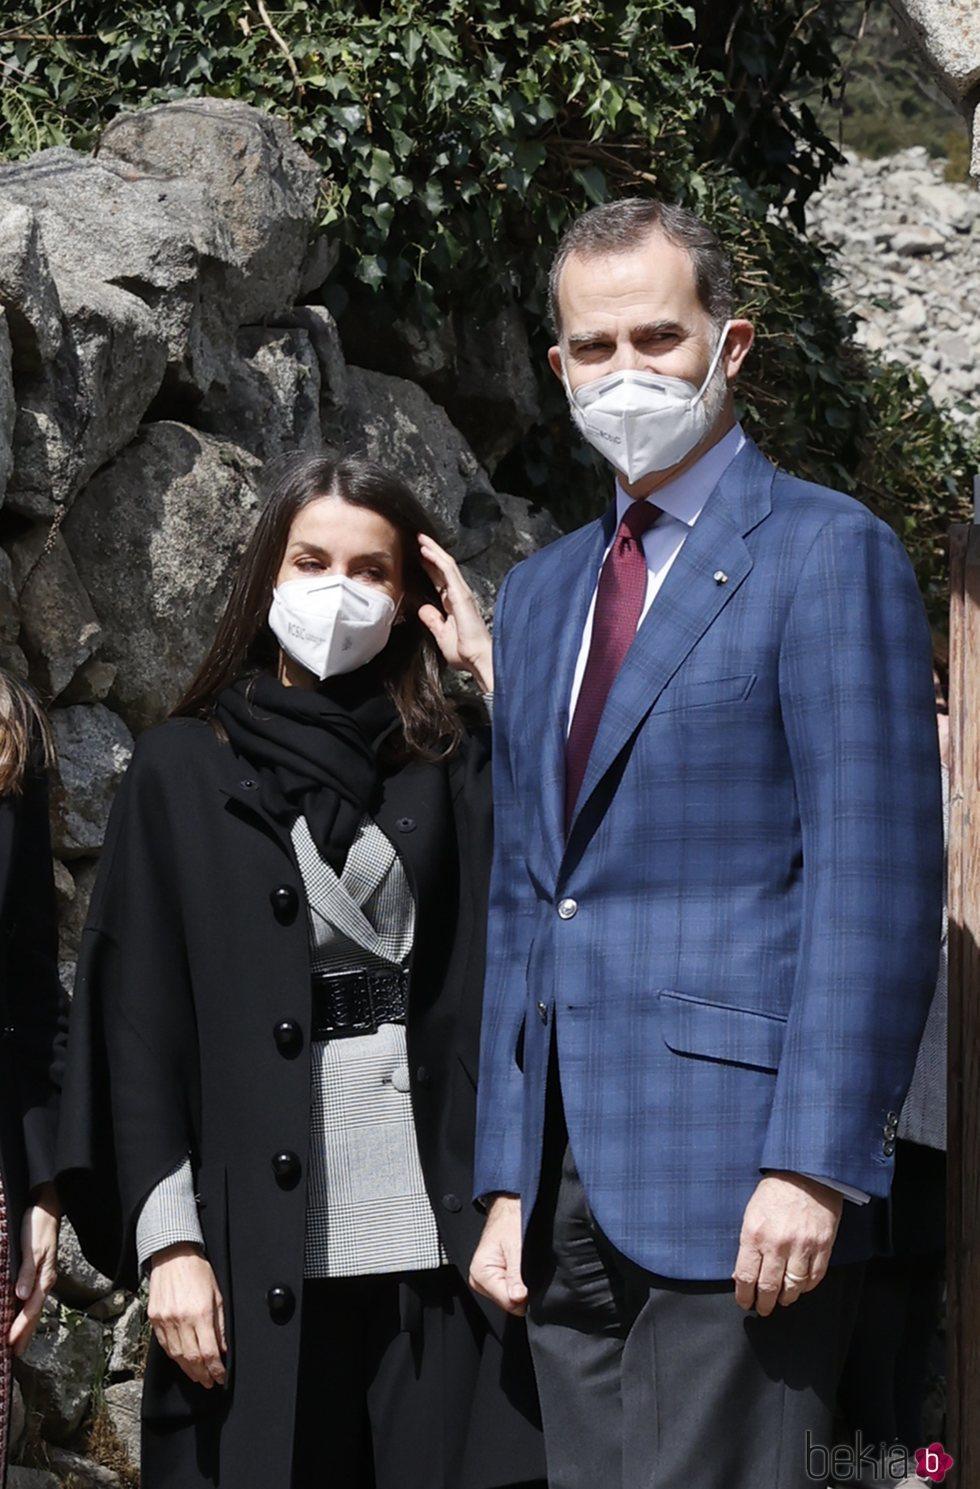 Los Reyes Felipe y Letizia en la Iglesia de Santa Coloma durante su Viaje de Estado a Andorra